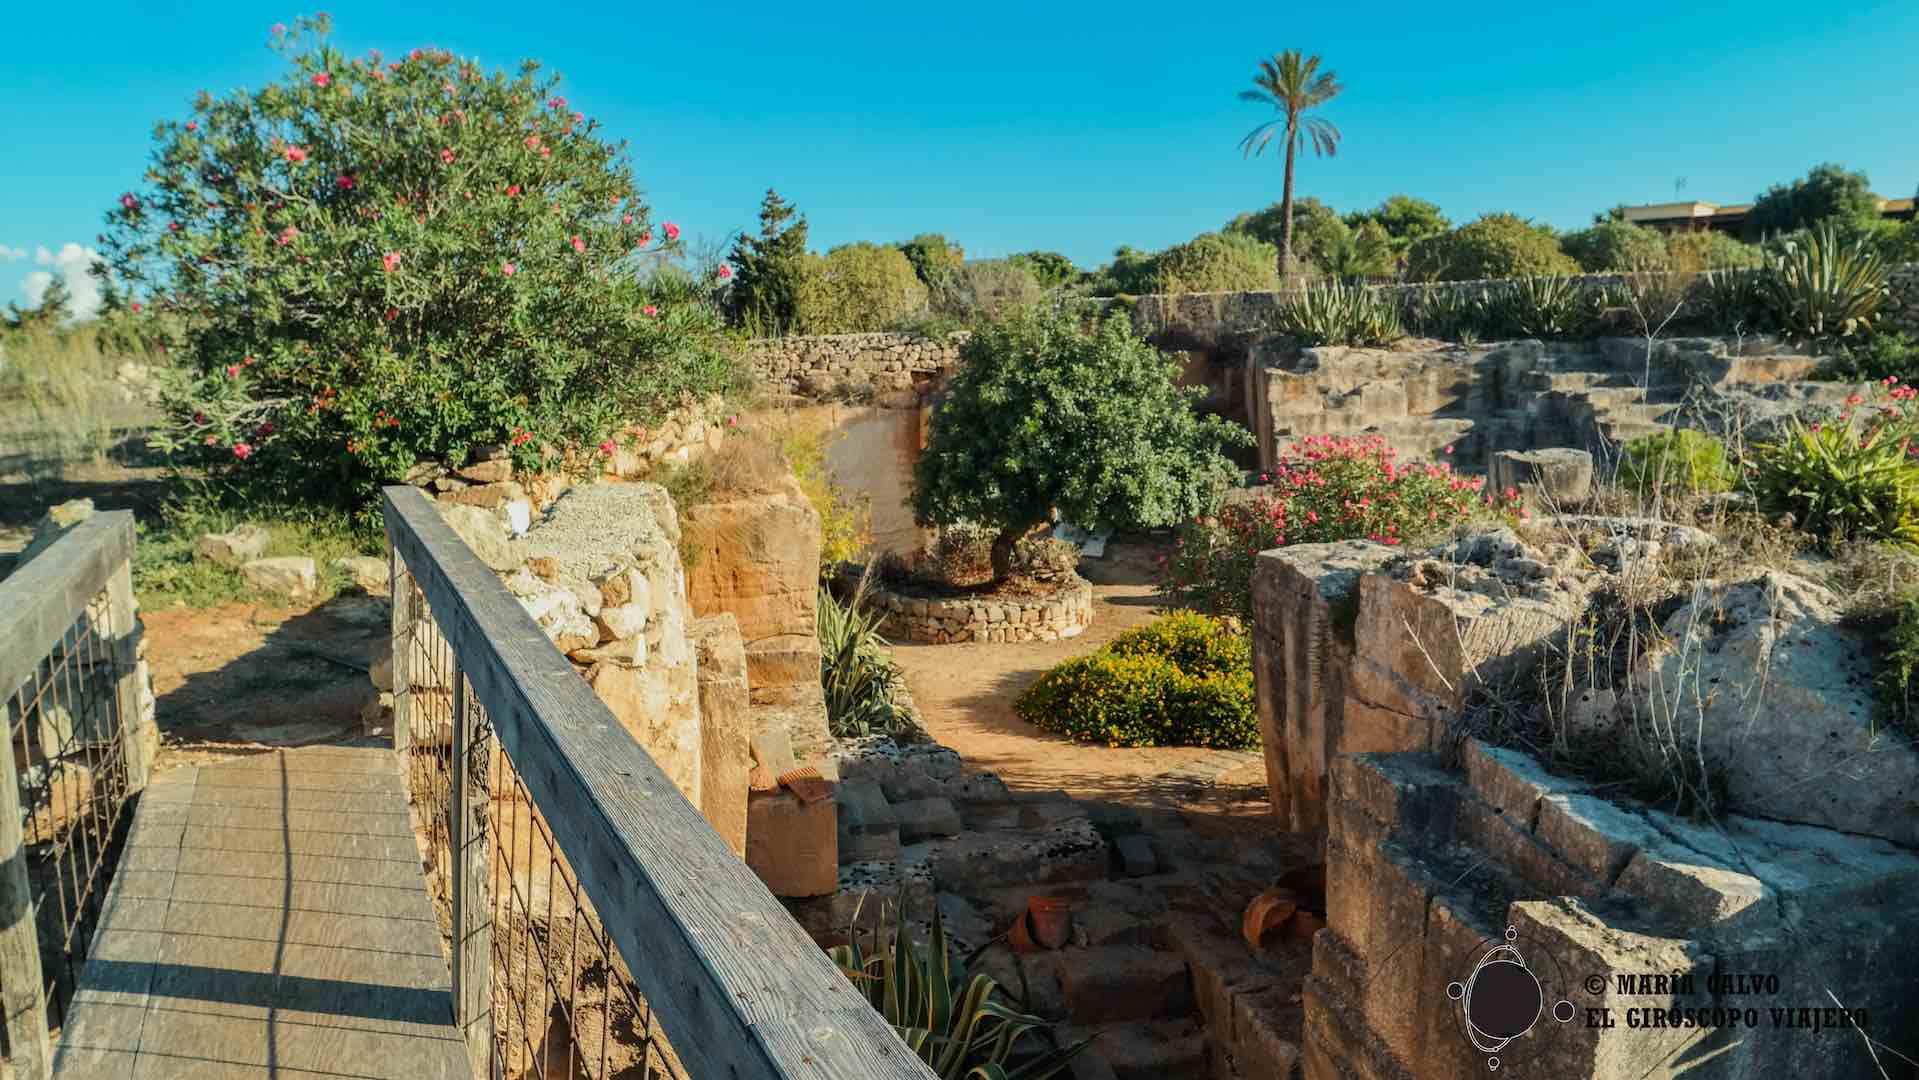 Atravesando puentes sobre esta cantera de toba y jardines hipogeos al aire libre